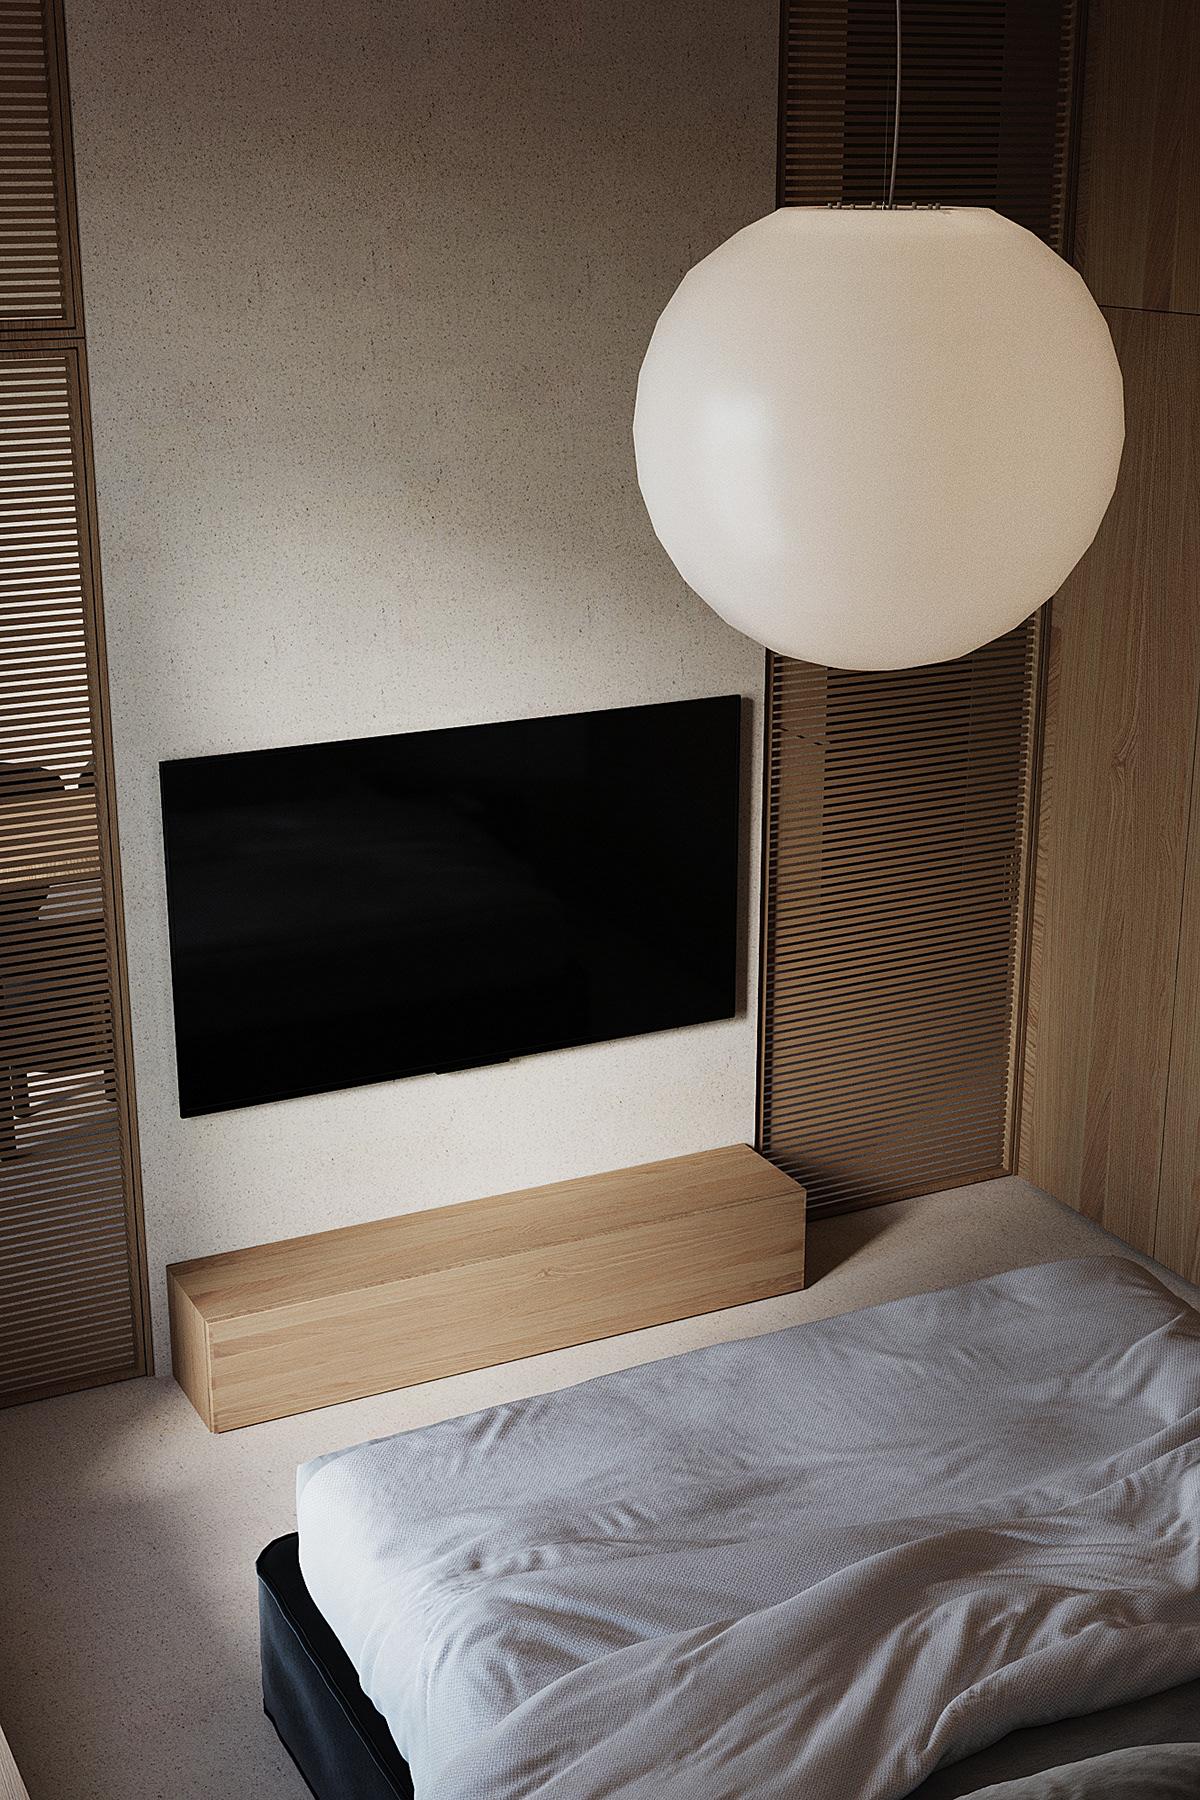 bedroom design interior Minimalism modern interior contemporary design corona render  cozy design Minimalism interior natural design Vizualization